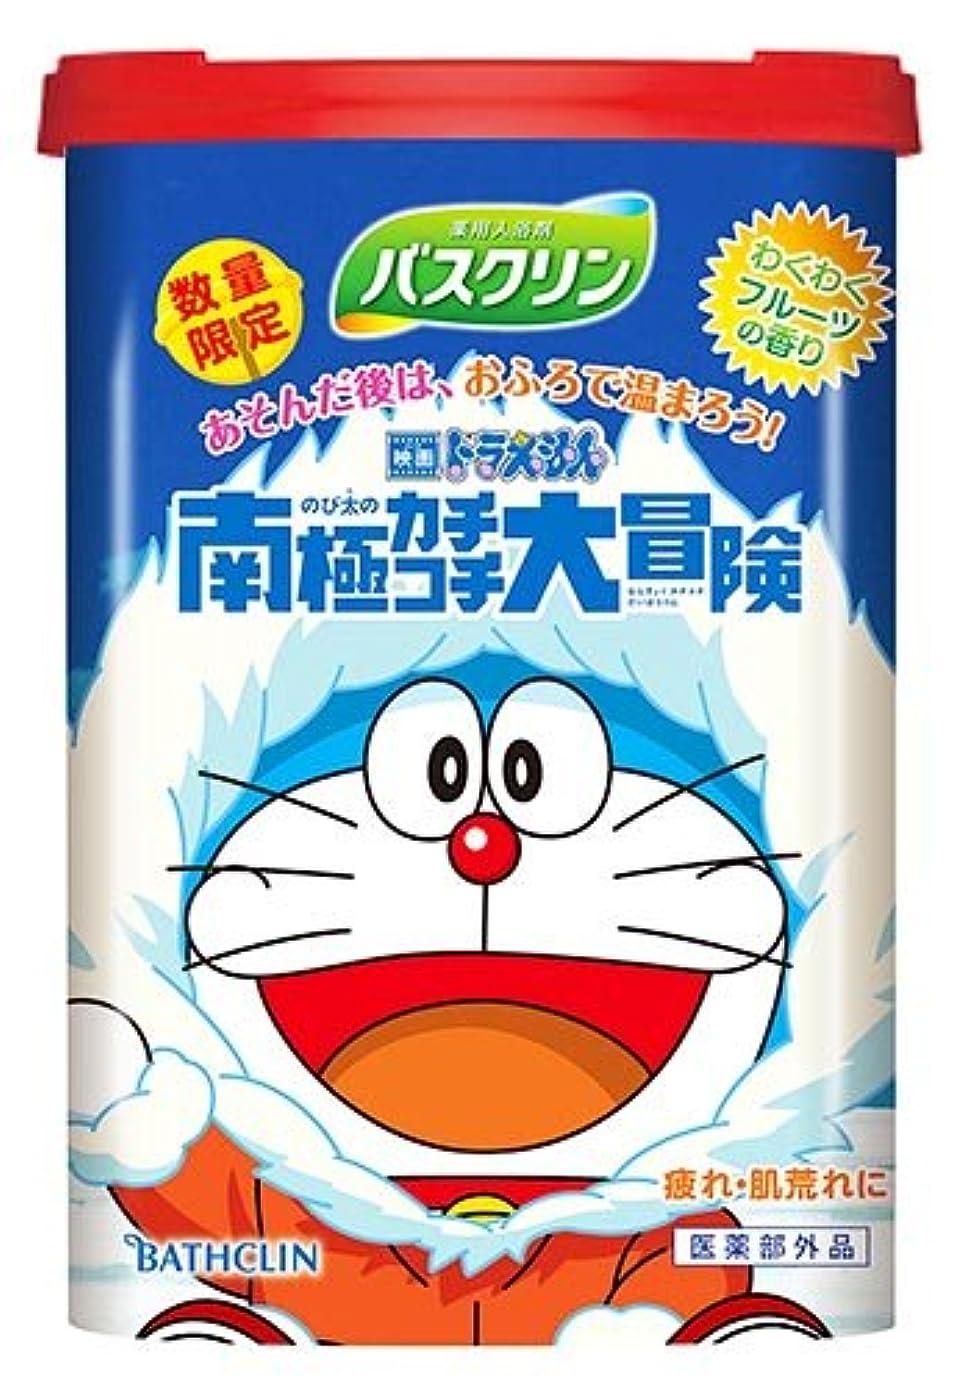 【数量限定】バスクリン わくわくフルーツの香り ドラえもんデザイン 600g(入浴剤)